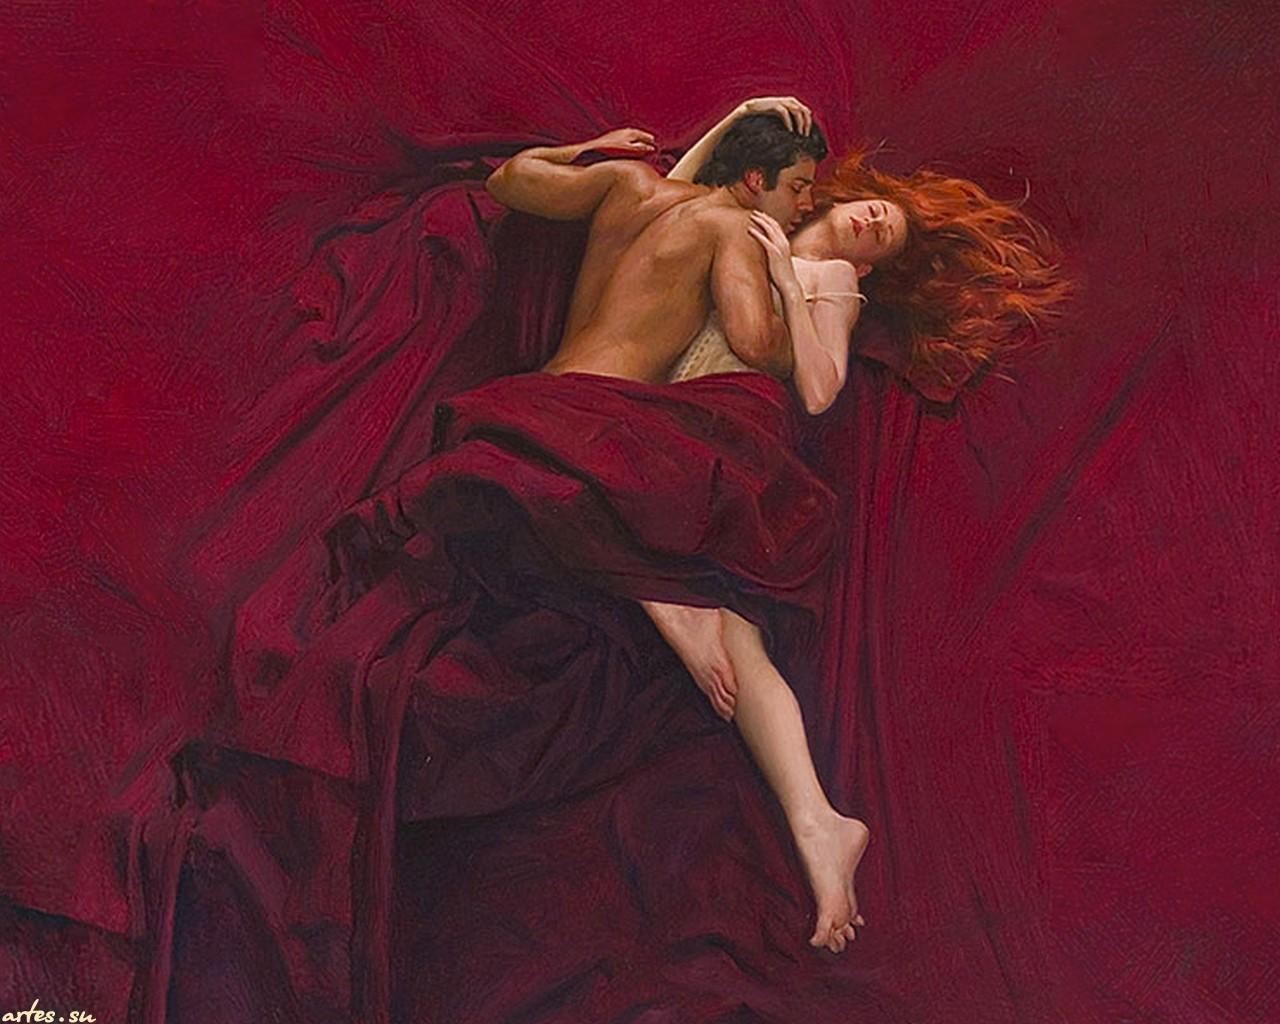 знакомства елабуга магия любви